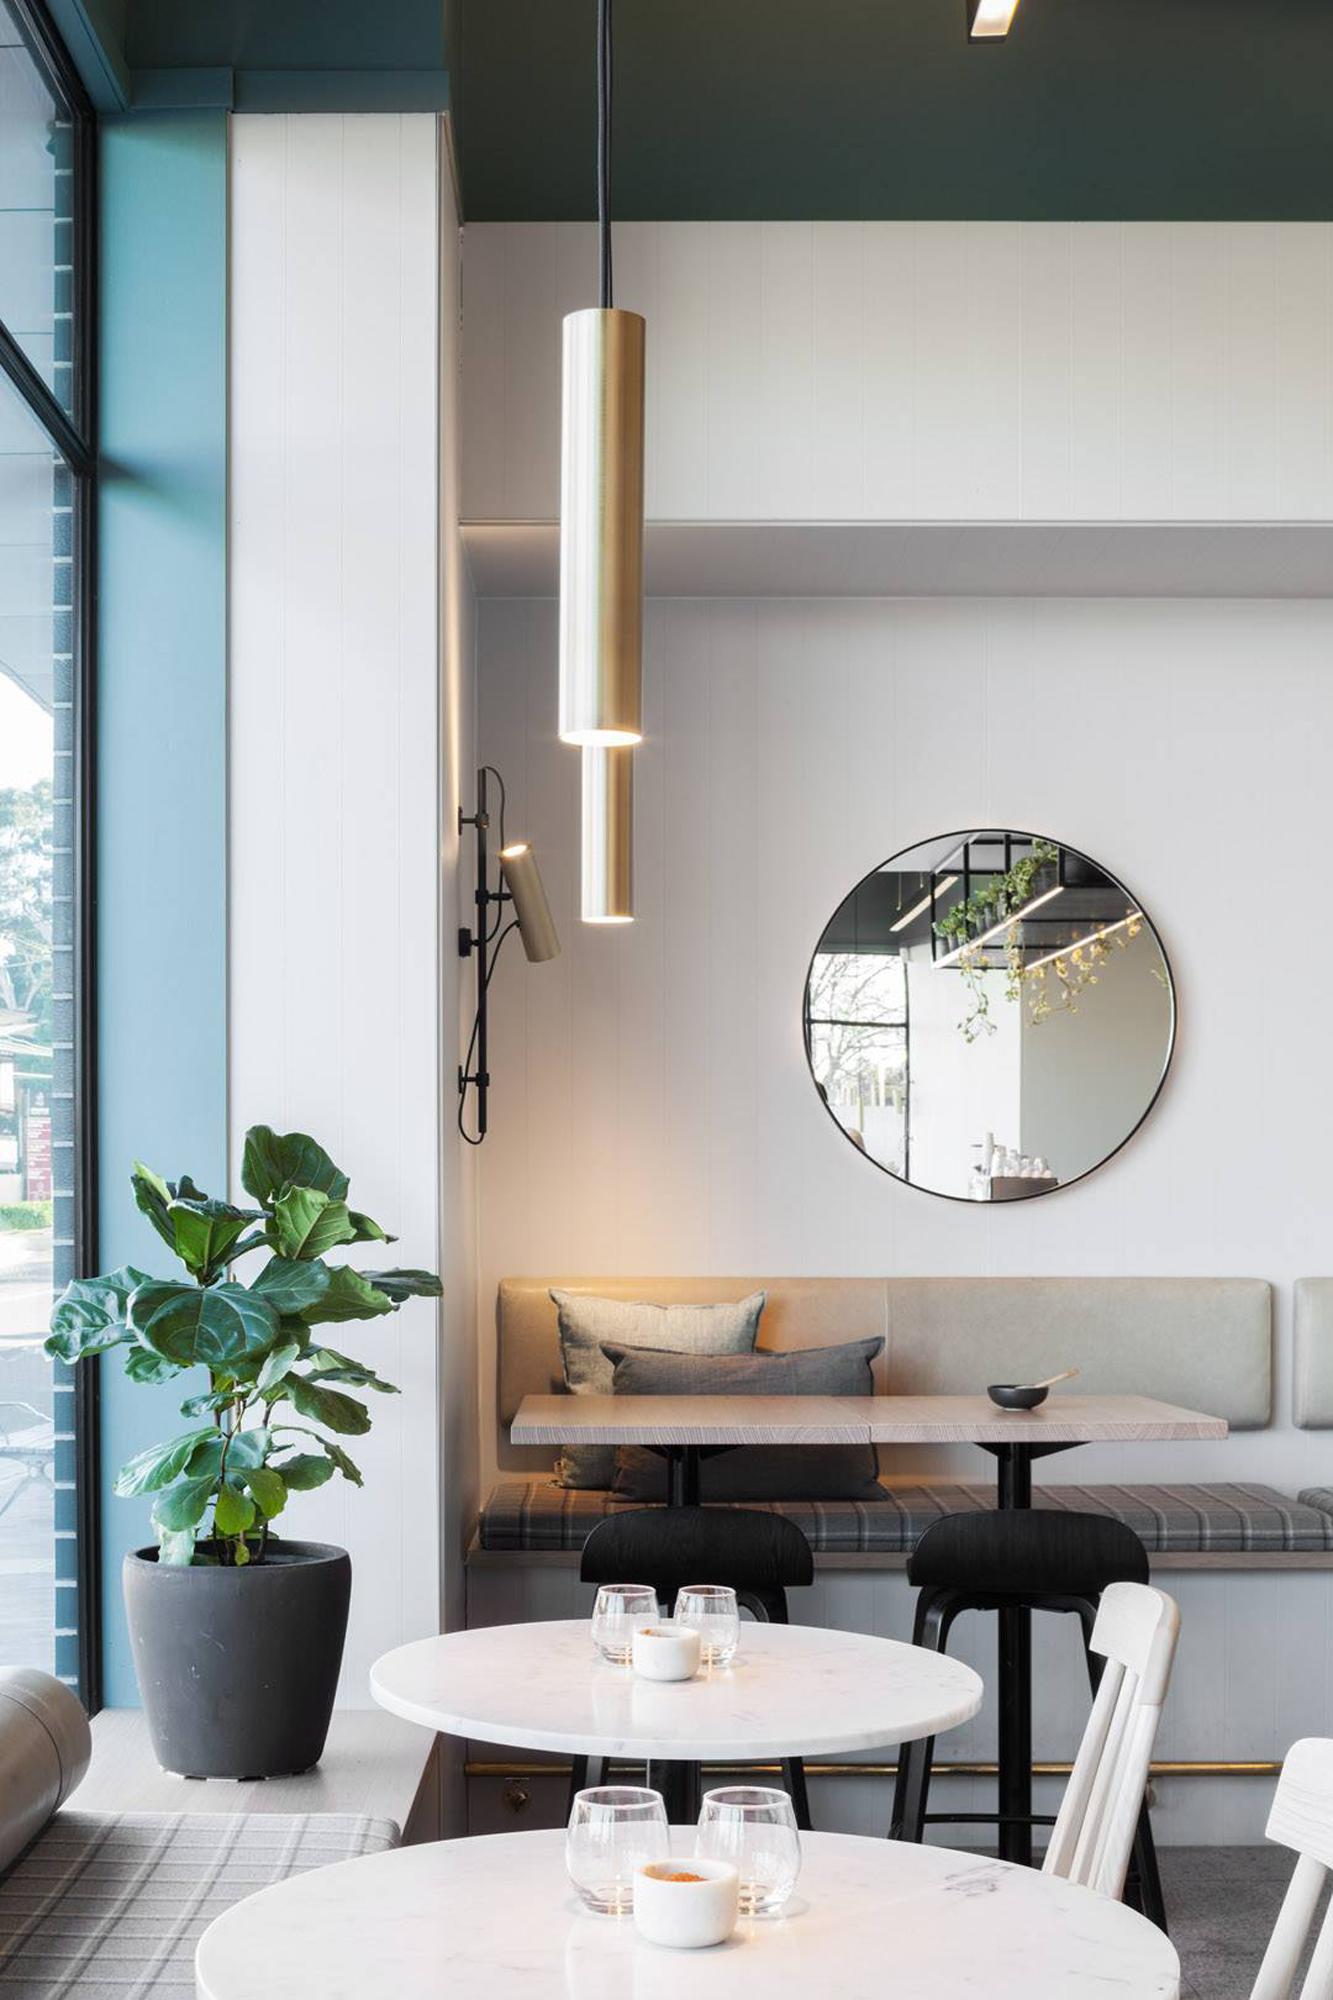 Zunica interior design work